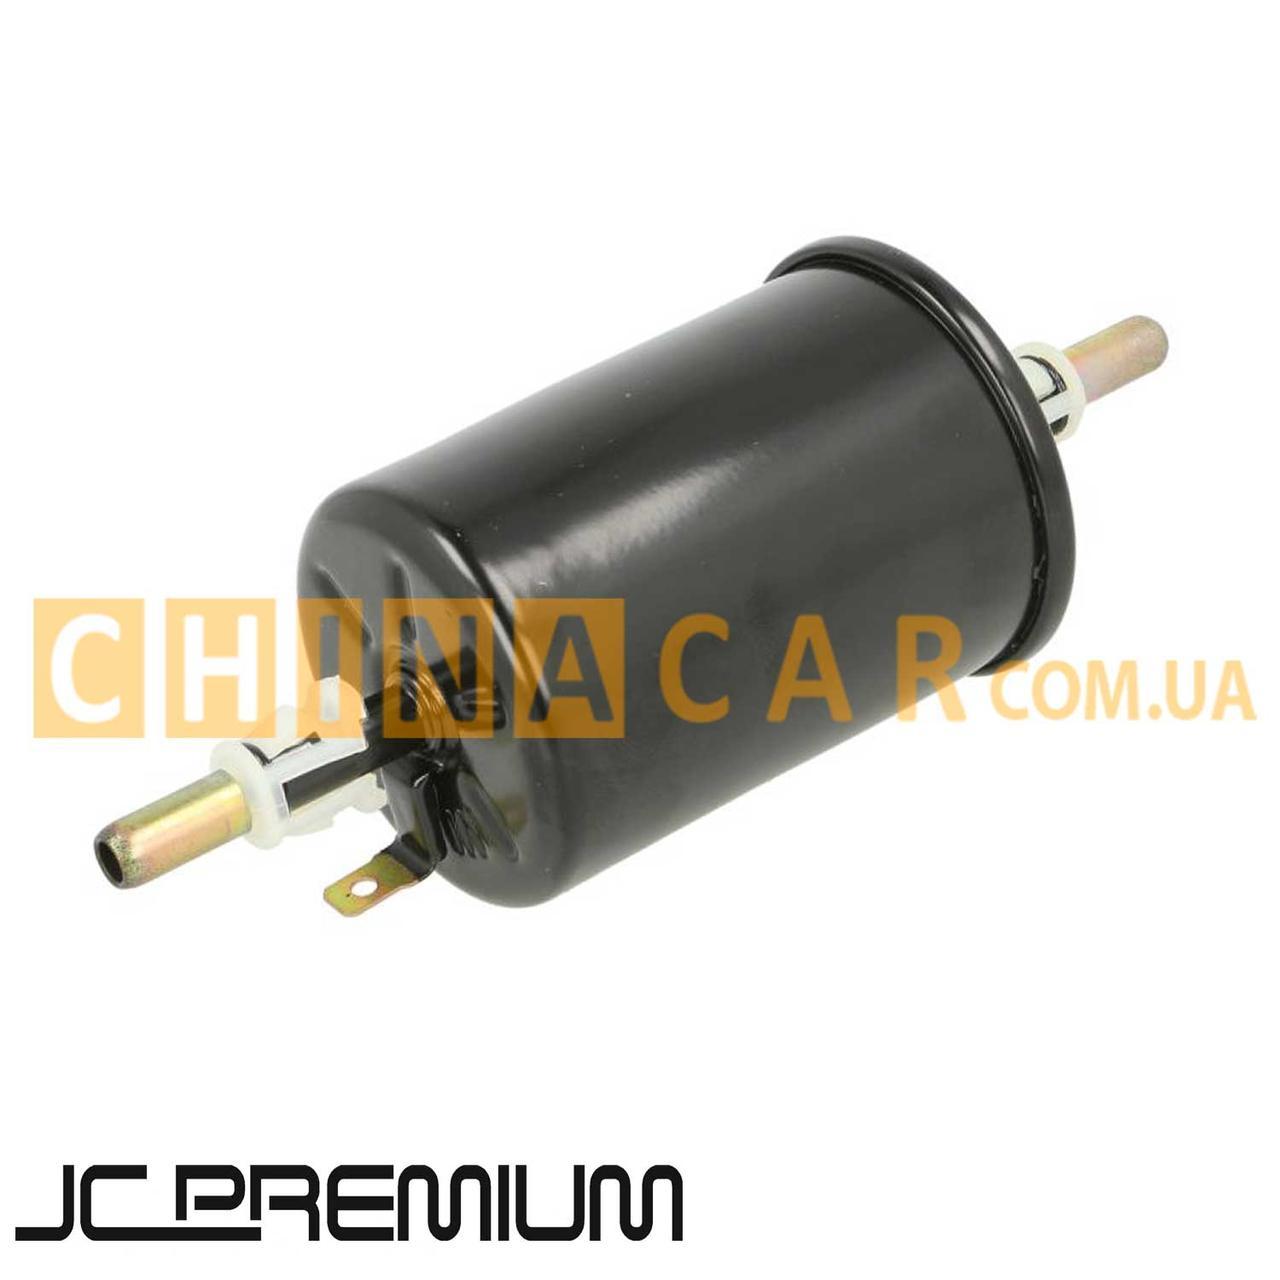 Фильтр топливный DENCKERMANN, Emgrand EC8 Эмгранд EC8 - 10160001520